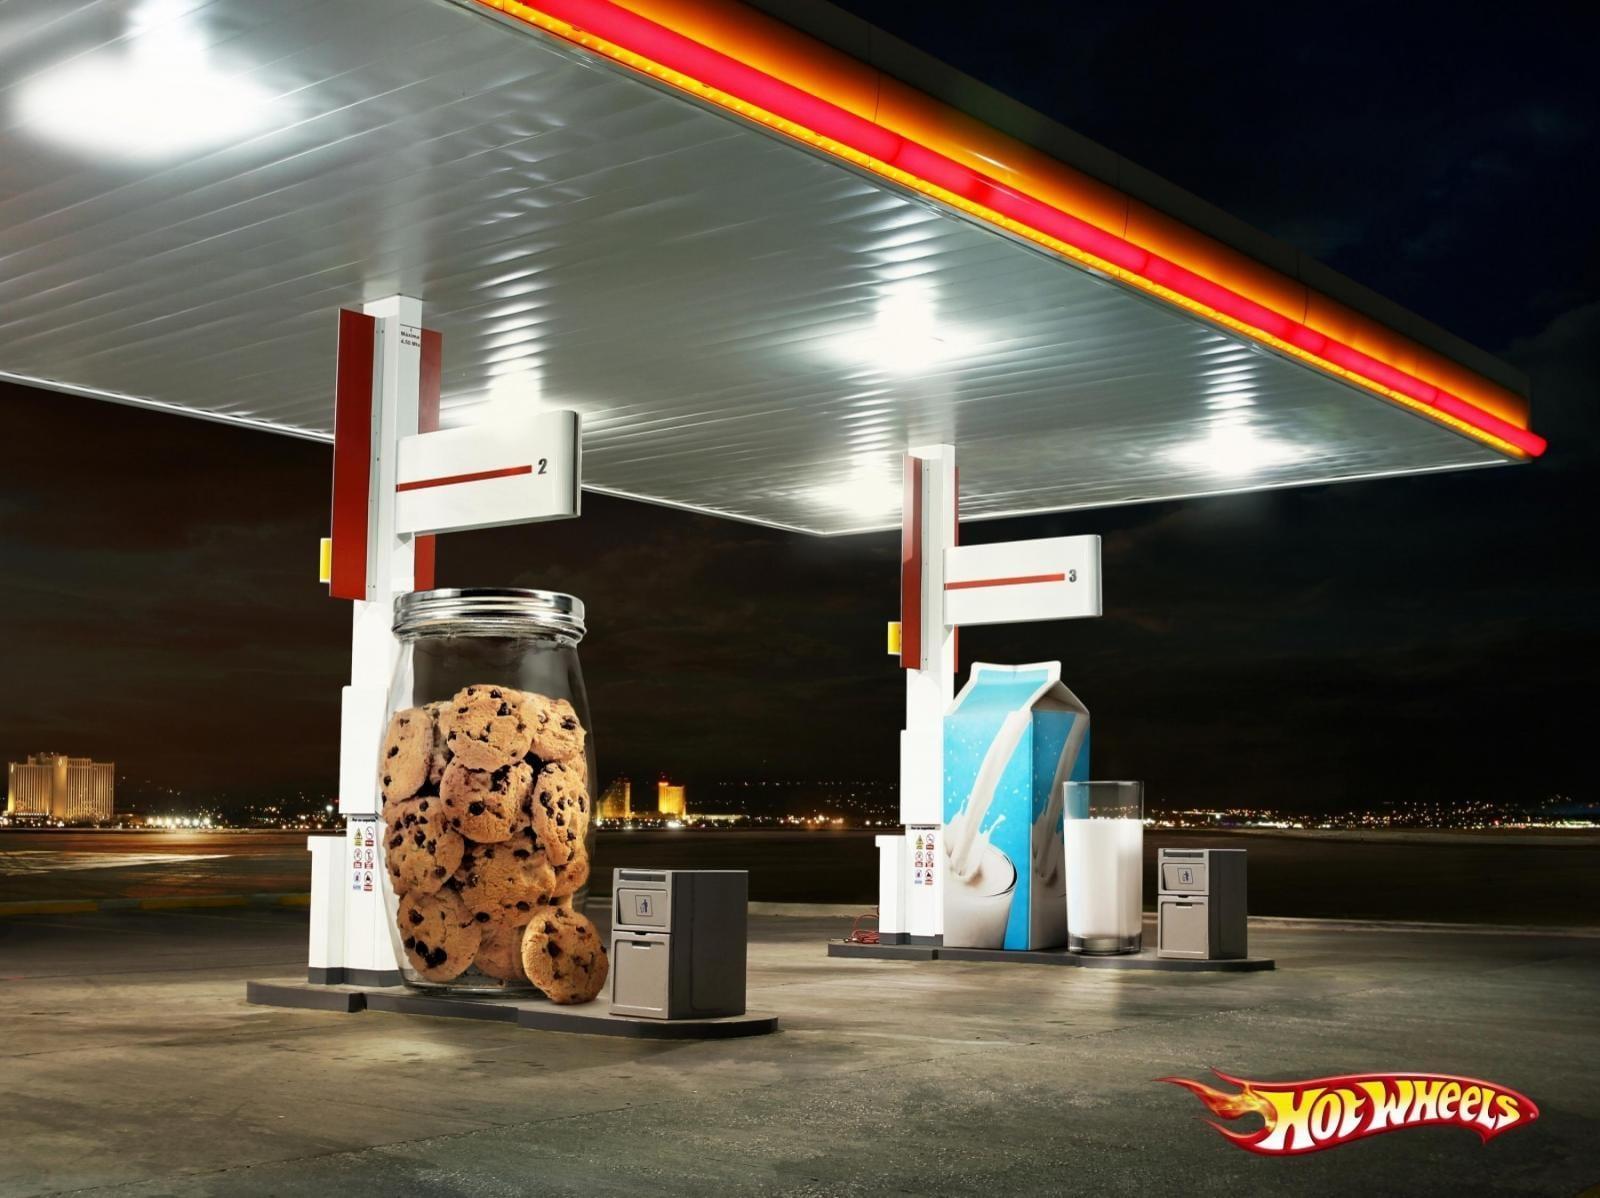 Pénurie de Carburant : Les publicités qui vont vous remonter le moral #penurieessence #penuriecarburant 18